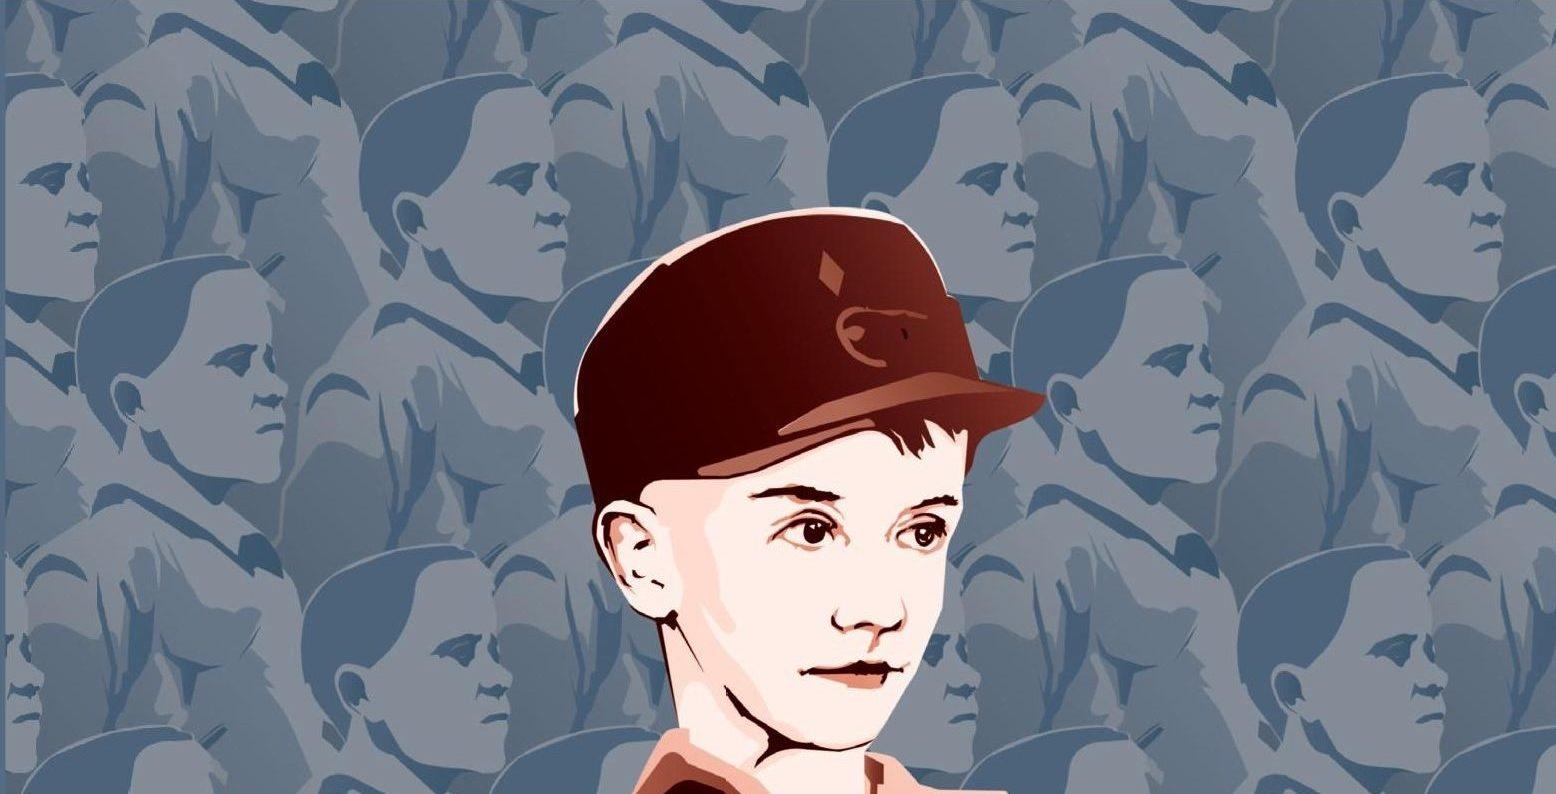 joventut sense déu, Ödön von Horvátz